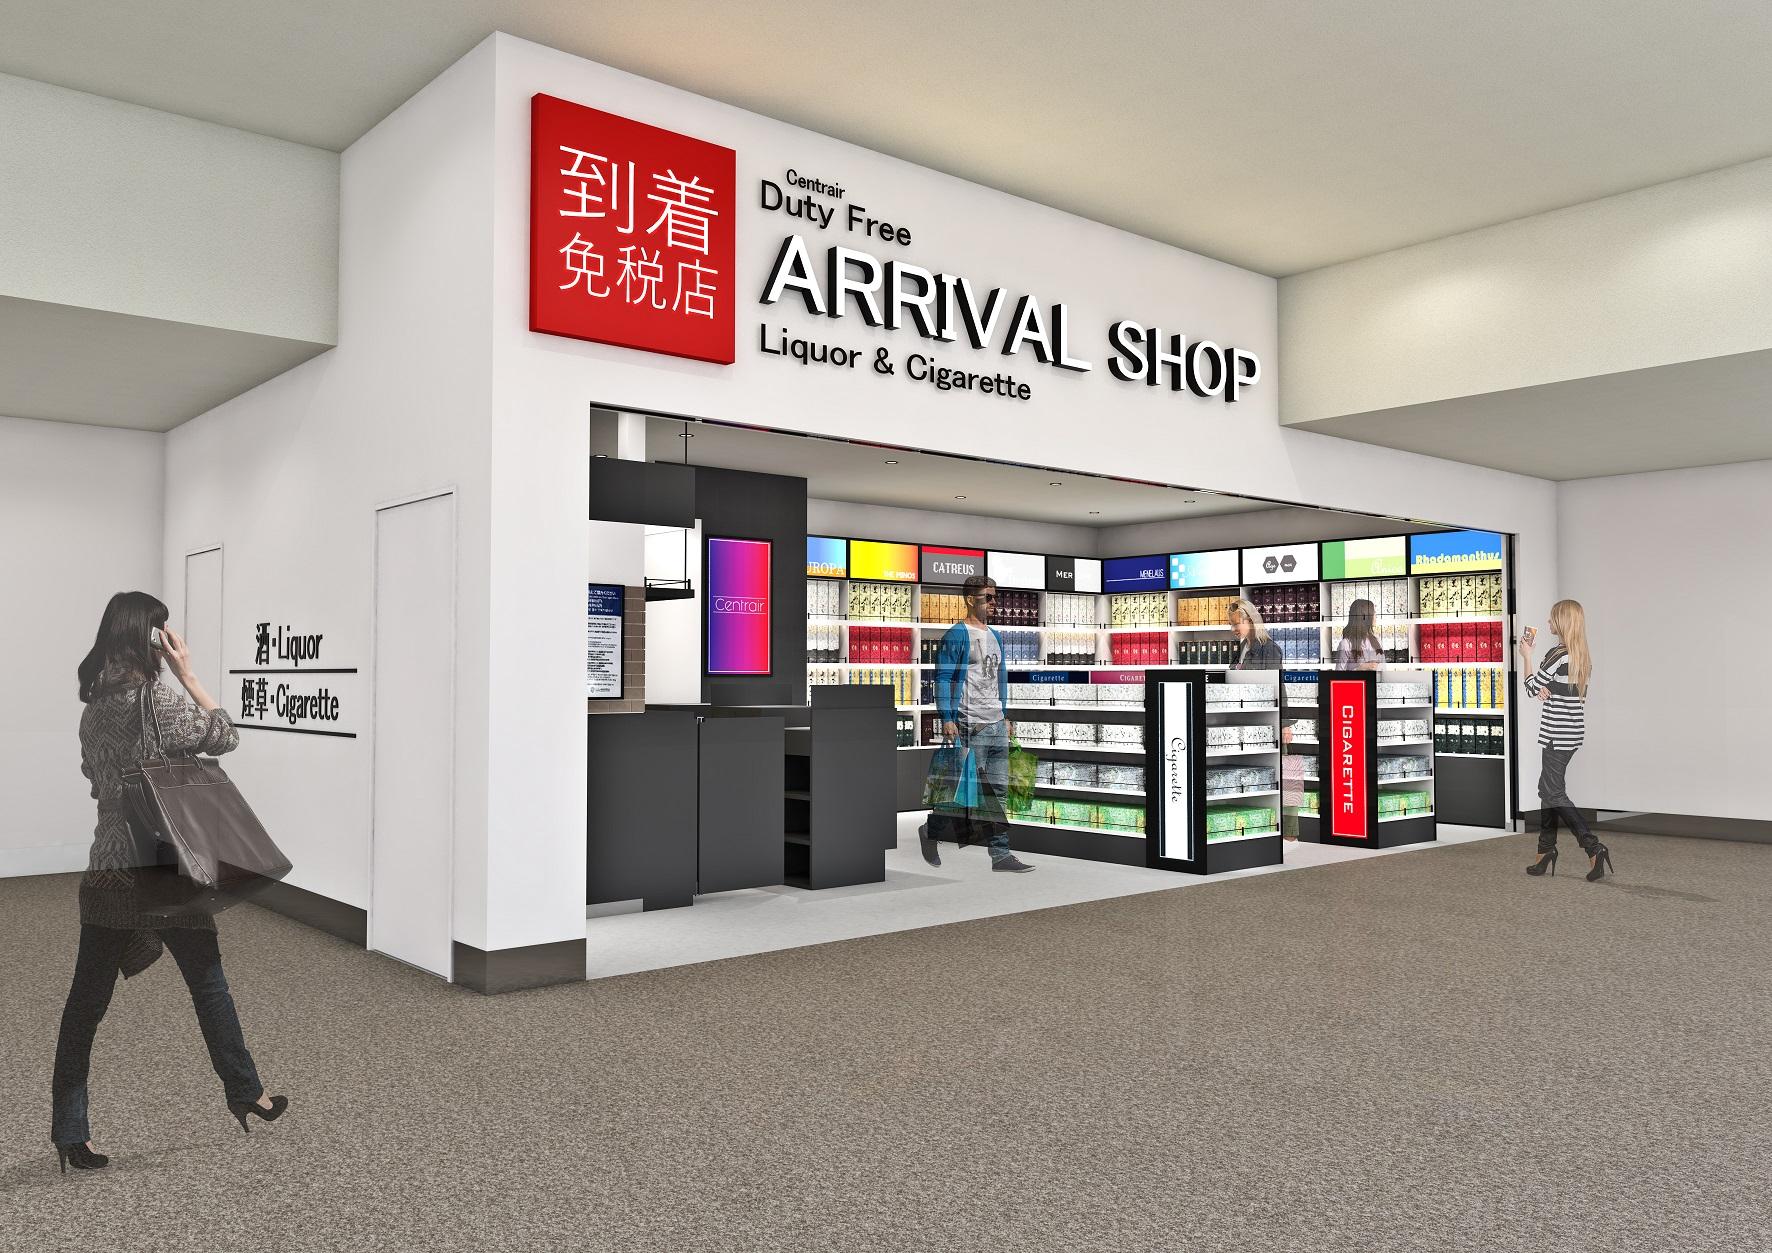 中部国際空港にも到着時免税店、入国前に免税品の購入を可能に、海外の酒・たばこなど